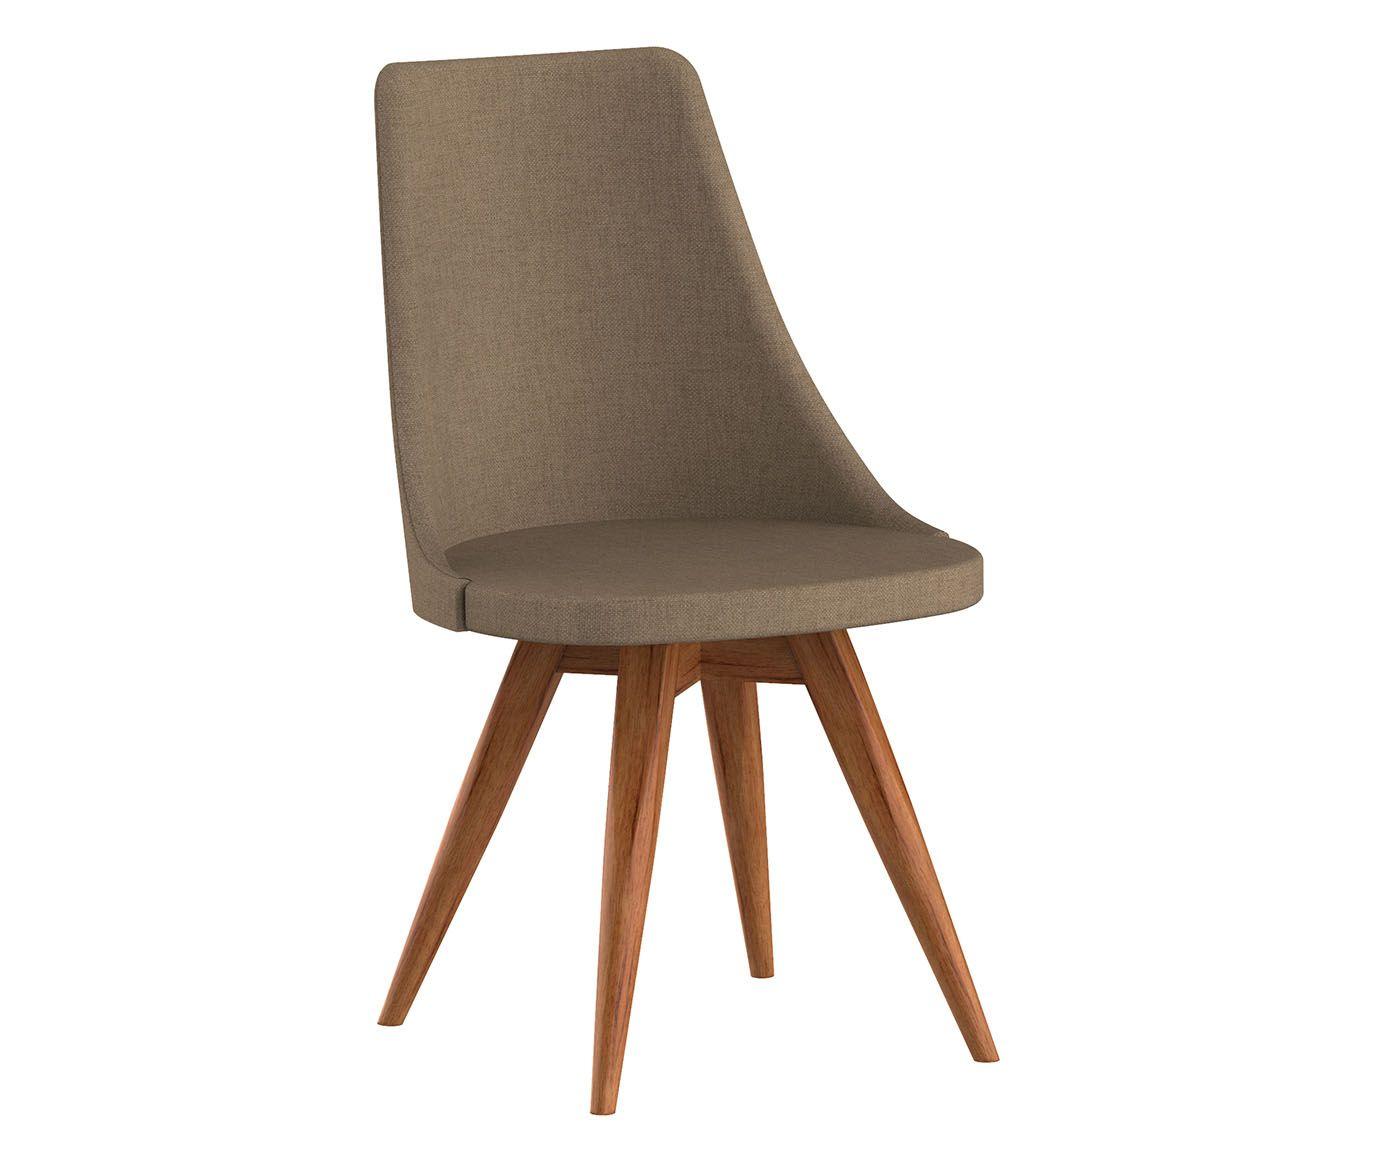 Cadeira Fixa Ella Capuccino - 55X91X53cm | Westwing.com.br